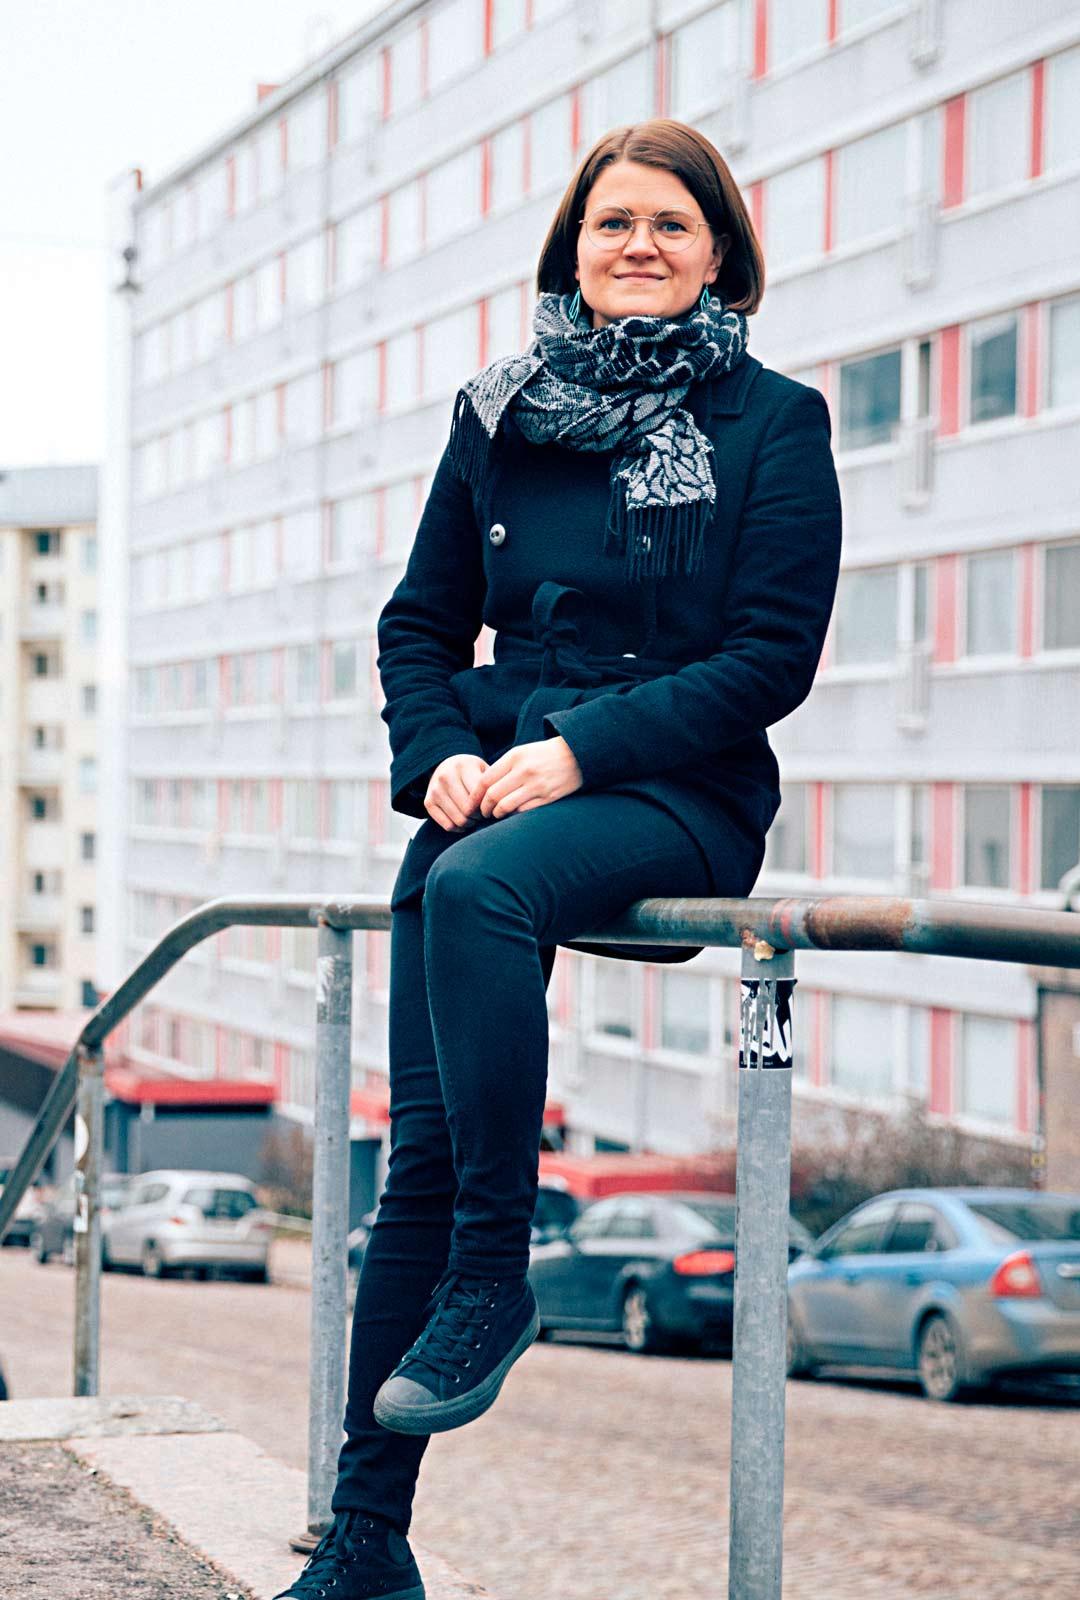 Anni Heinälä tahtoo omalla panoksellaan muuttaa Suomea ja samalla koko maailmaa edes pieniltä osin paremmaksi.